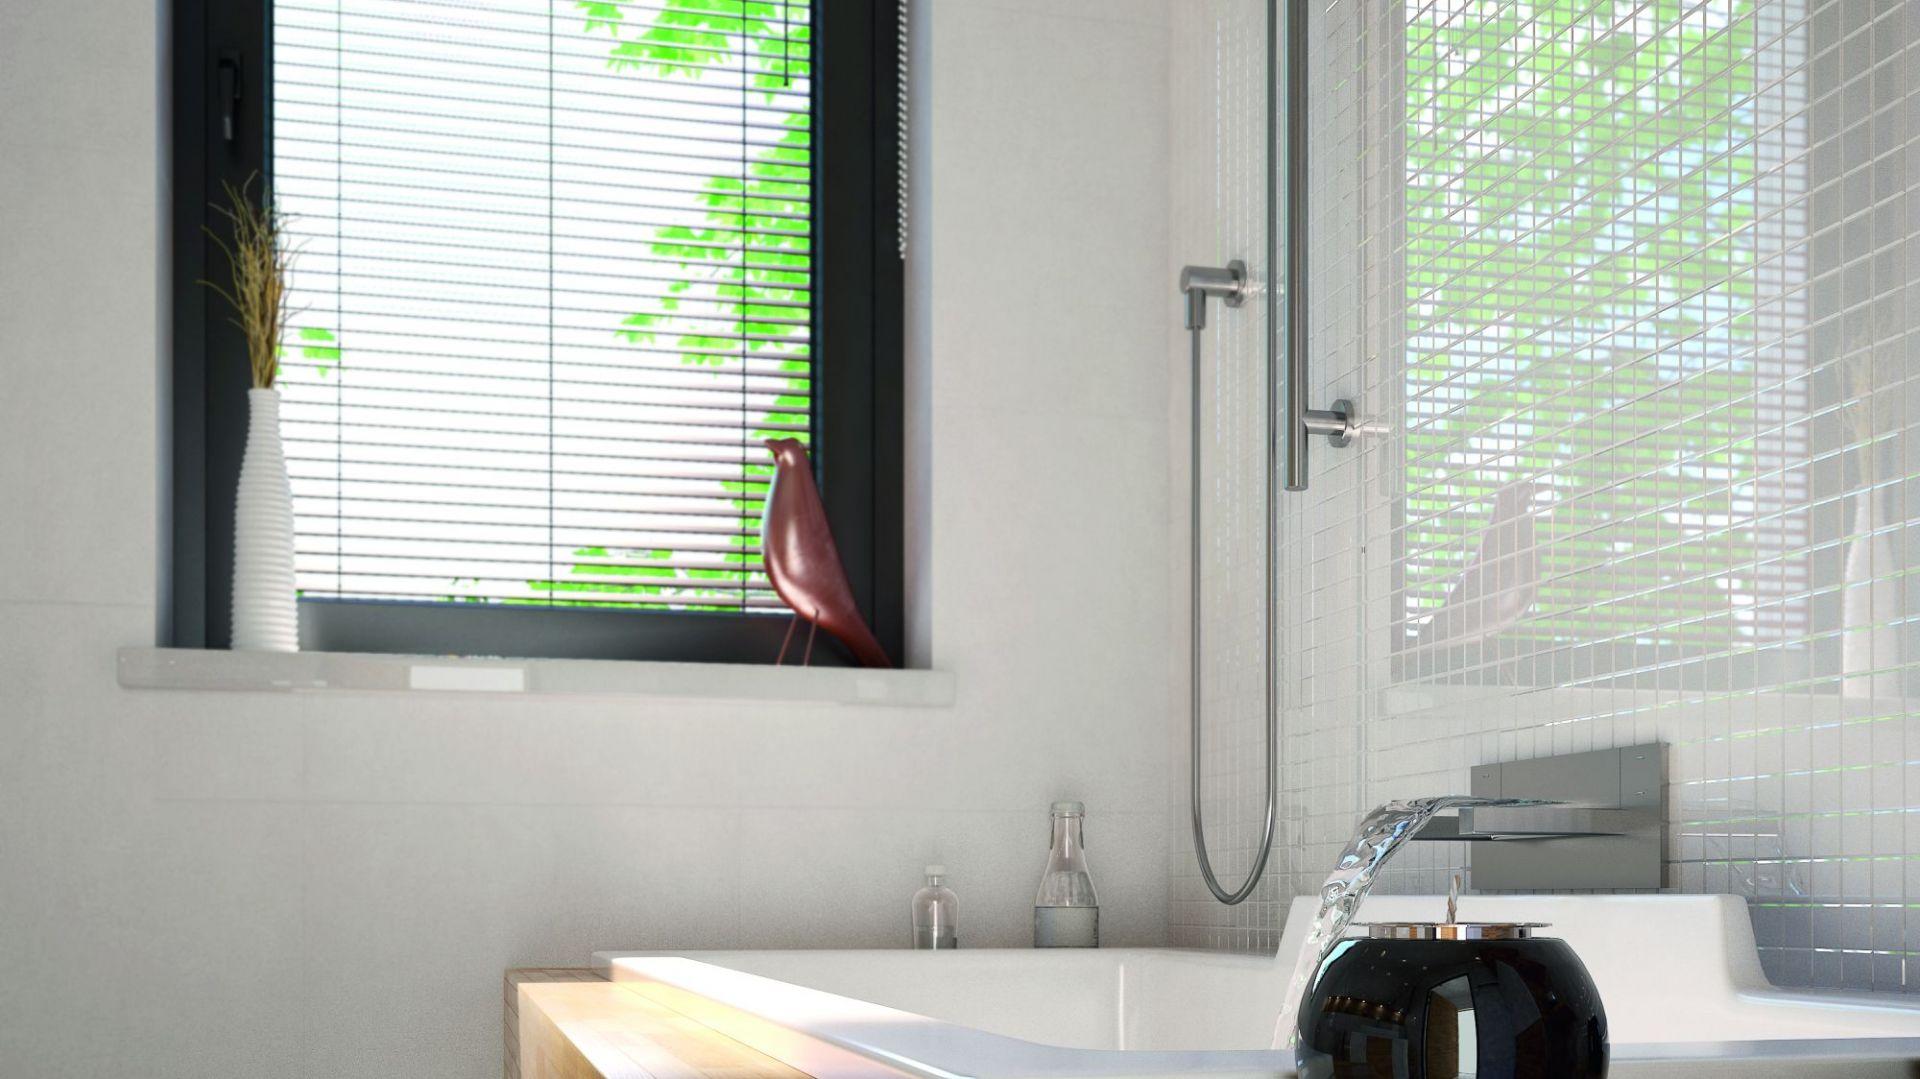 Niewielki okno zapewnia dopływ światła dziennego. Dom Umbra. Projekt: arch. Maciej Matłowski. Fot. Domy w Stylu